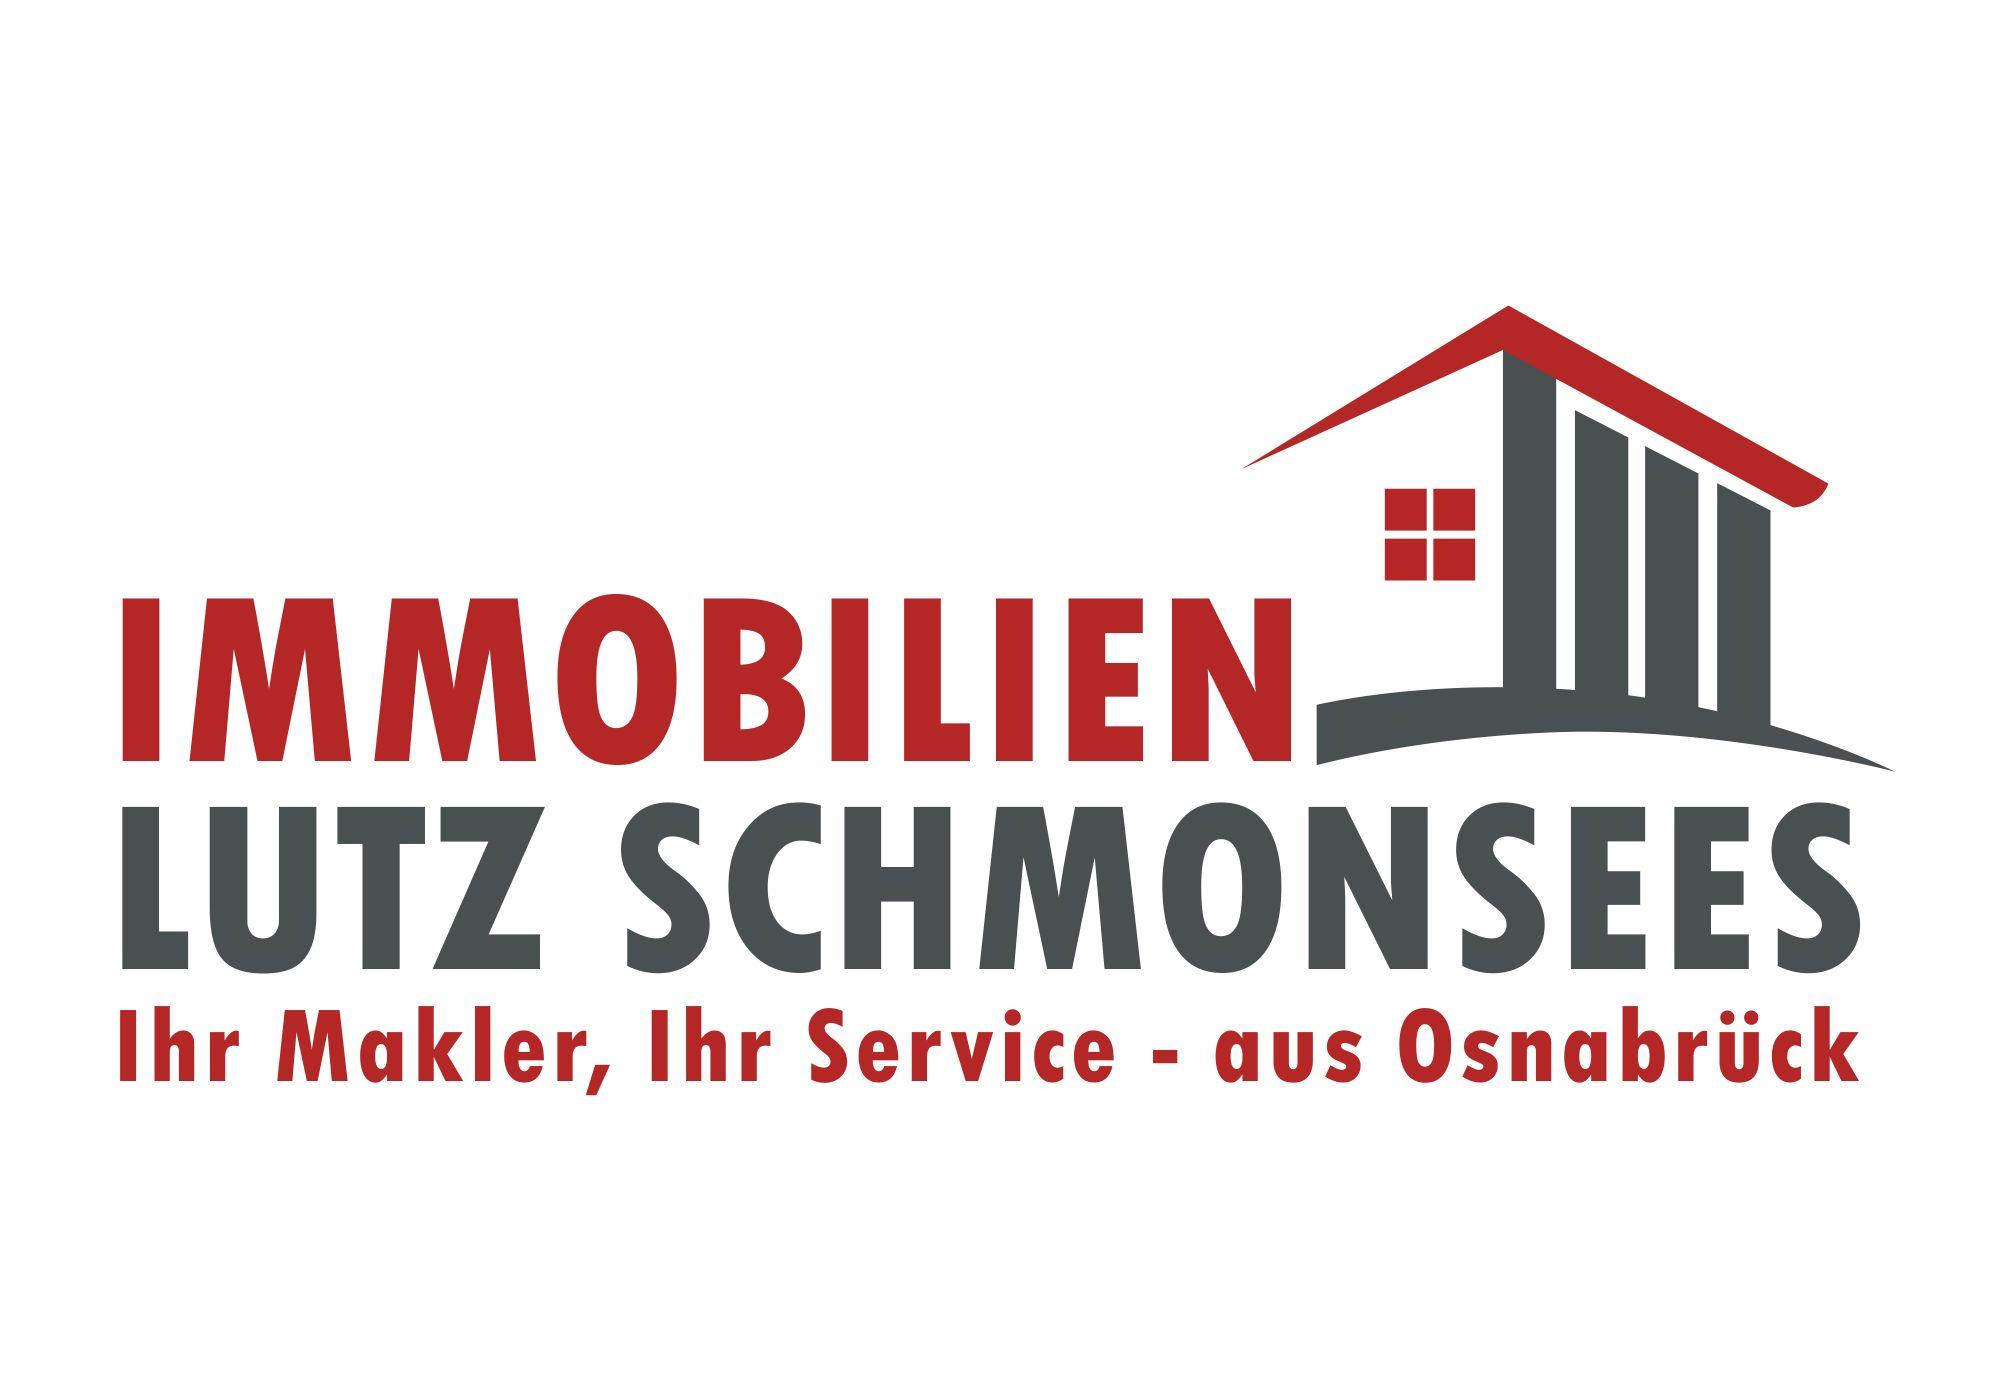 Hier sehen Sie das Logo von Immobilien Lutz Schmonsees